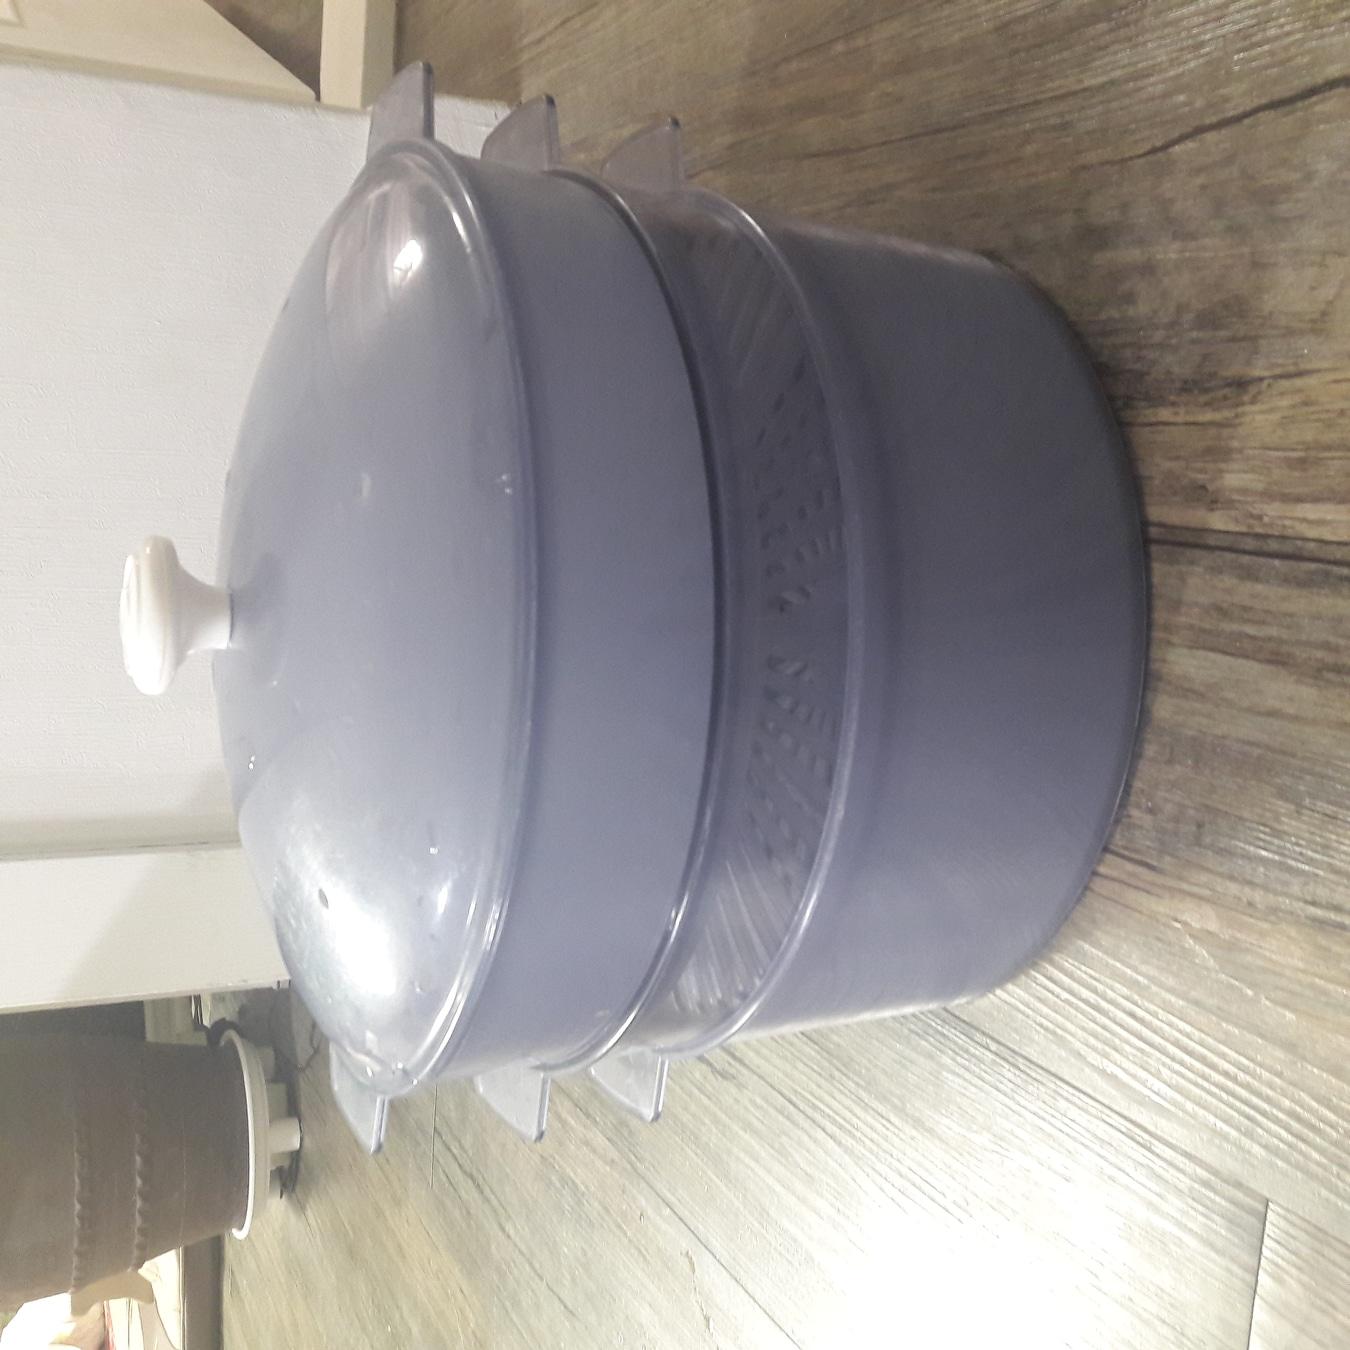 주방용품 (찜기로사용햇엇는데 본체가고장나서 이것만올려요)